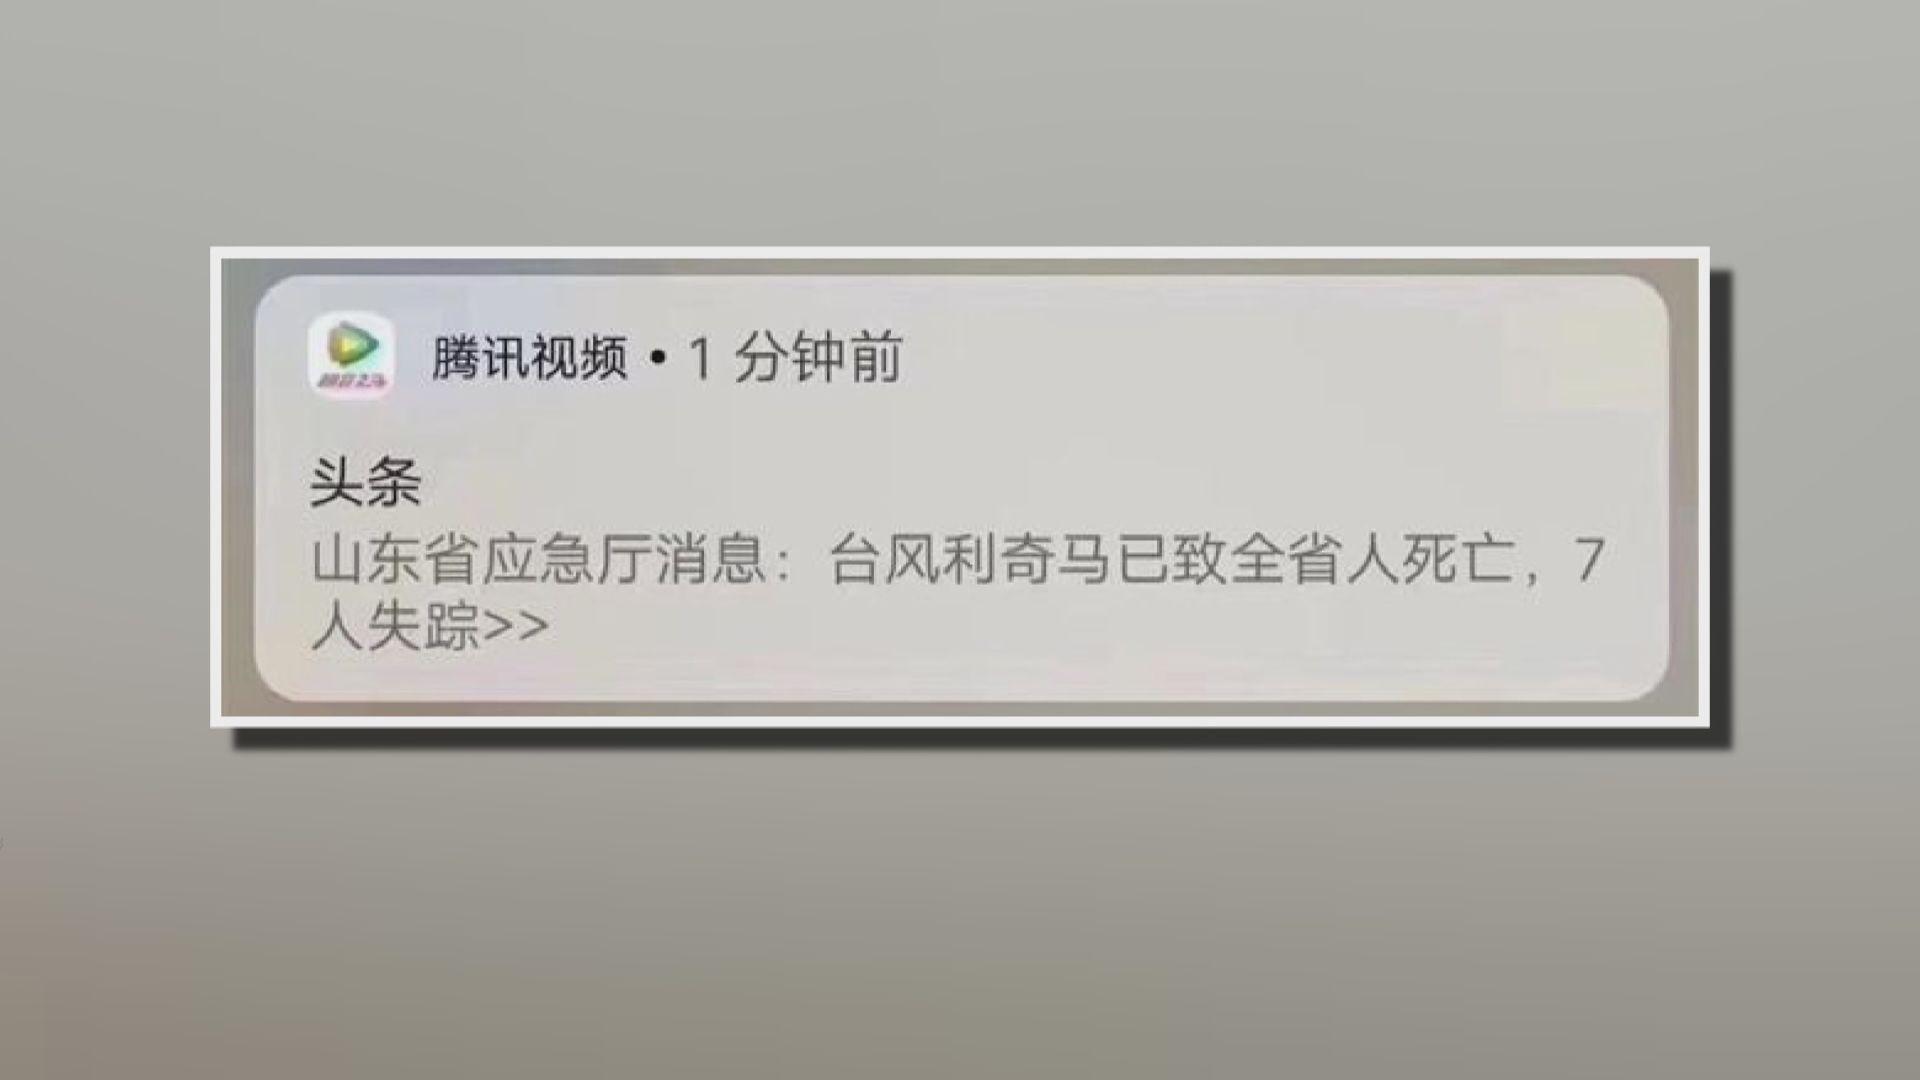 【環球薈報】騰訊誤報山東全省人遇難消息